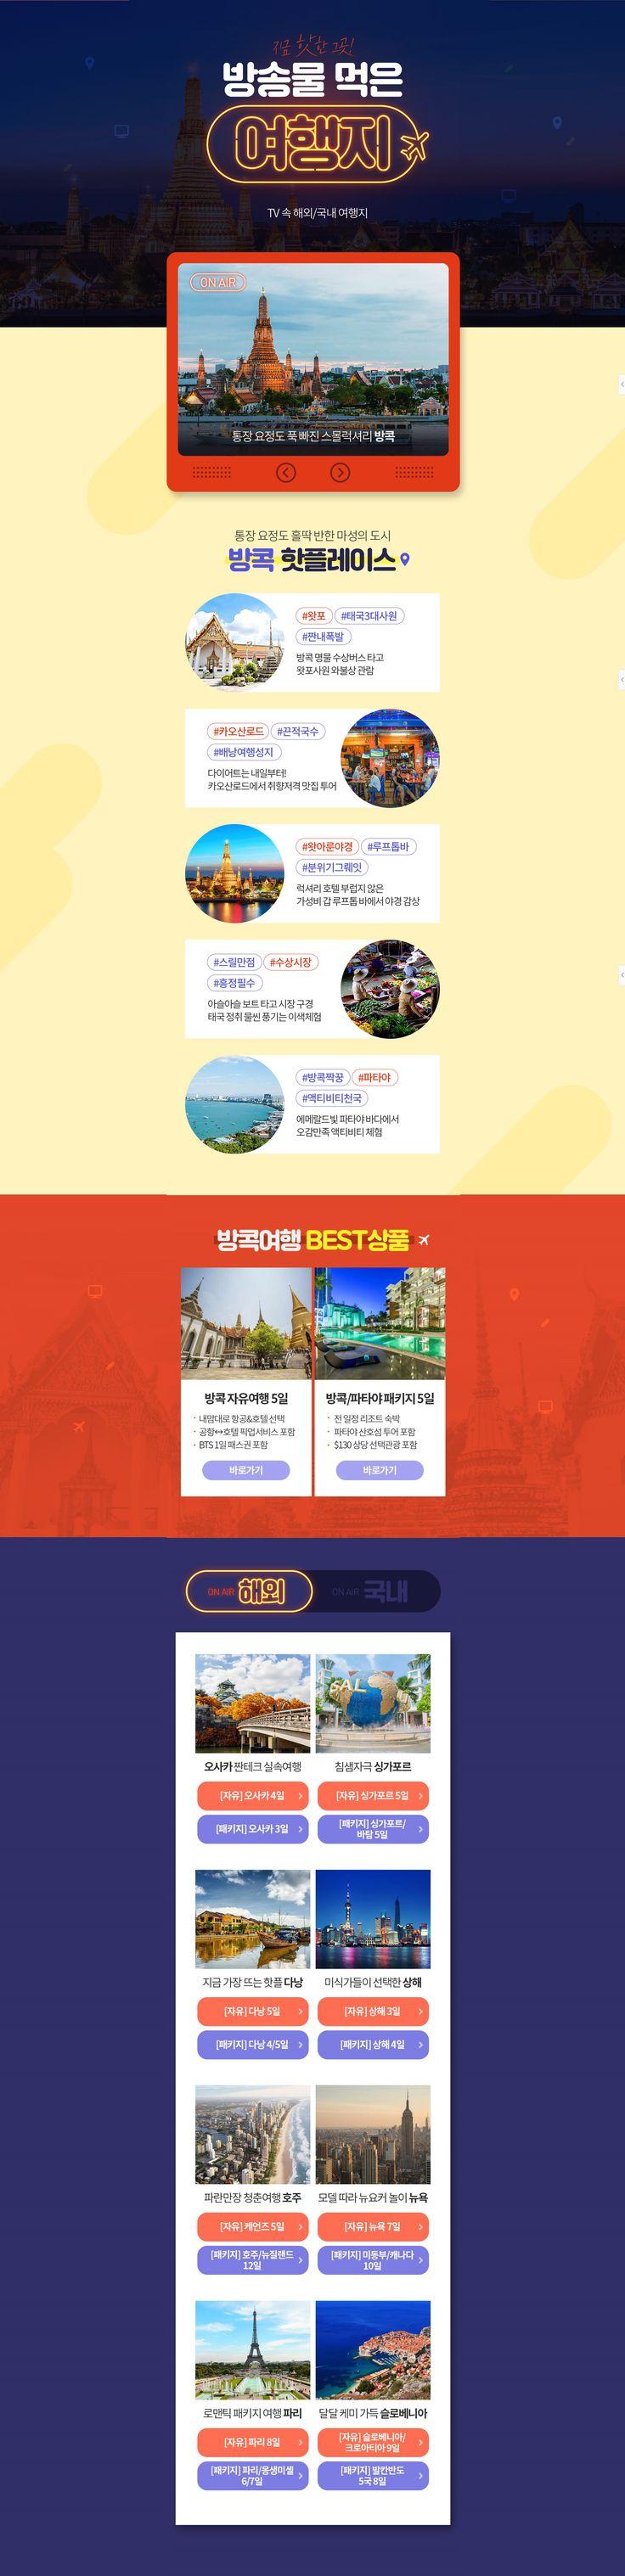 #2017년12월4주차 #인터파크투어 #방송물먹은여행지 tour.interpark.com